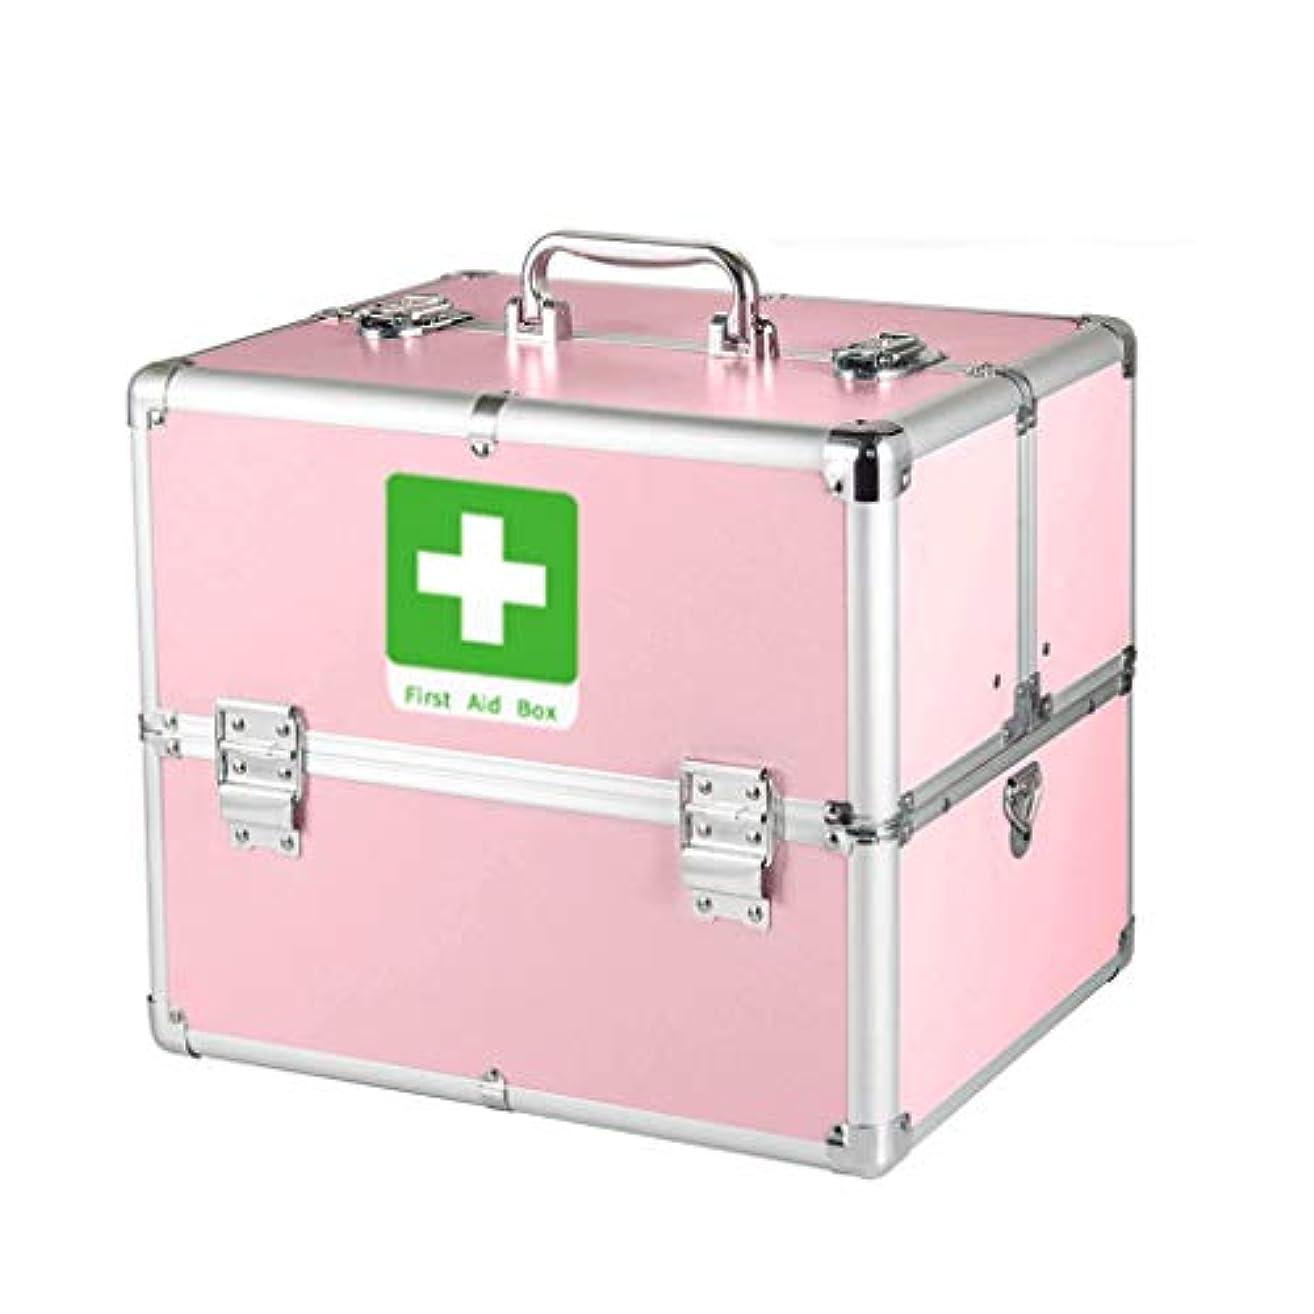 懐排泄物判定家庭用アルミ合金薬箱多層大家族インストール救急医療収納ボックス HUXIUPING (Color : Pink)